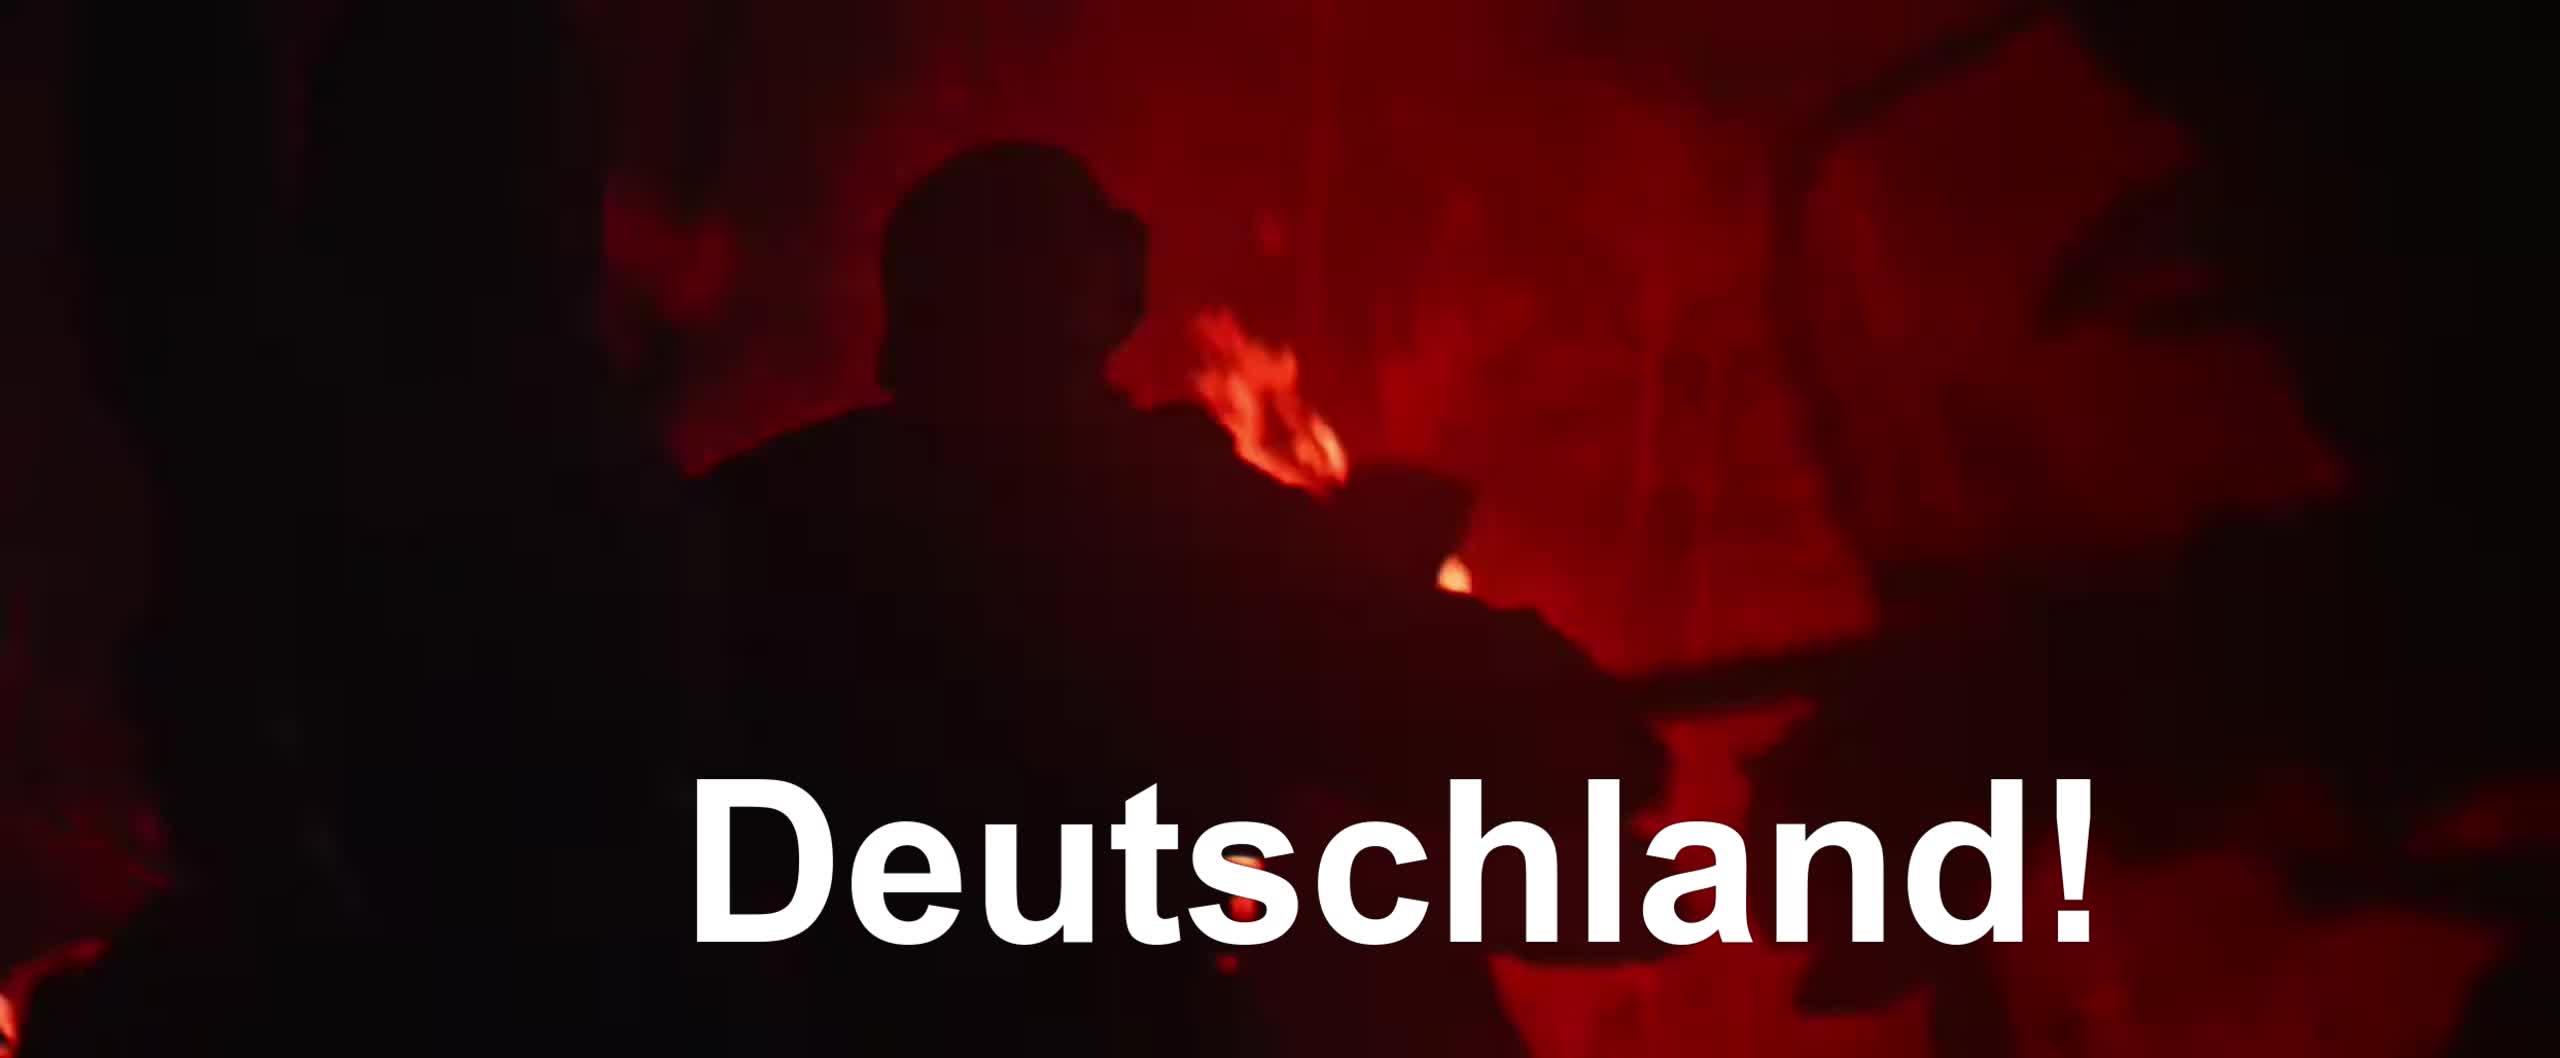 Deutschland, Germany, Rammstein, Deutschland GIFs